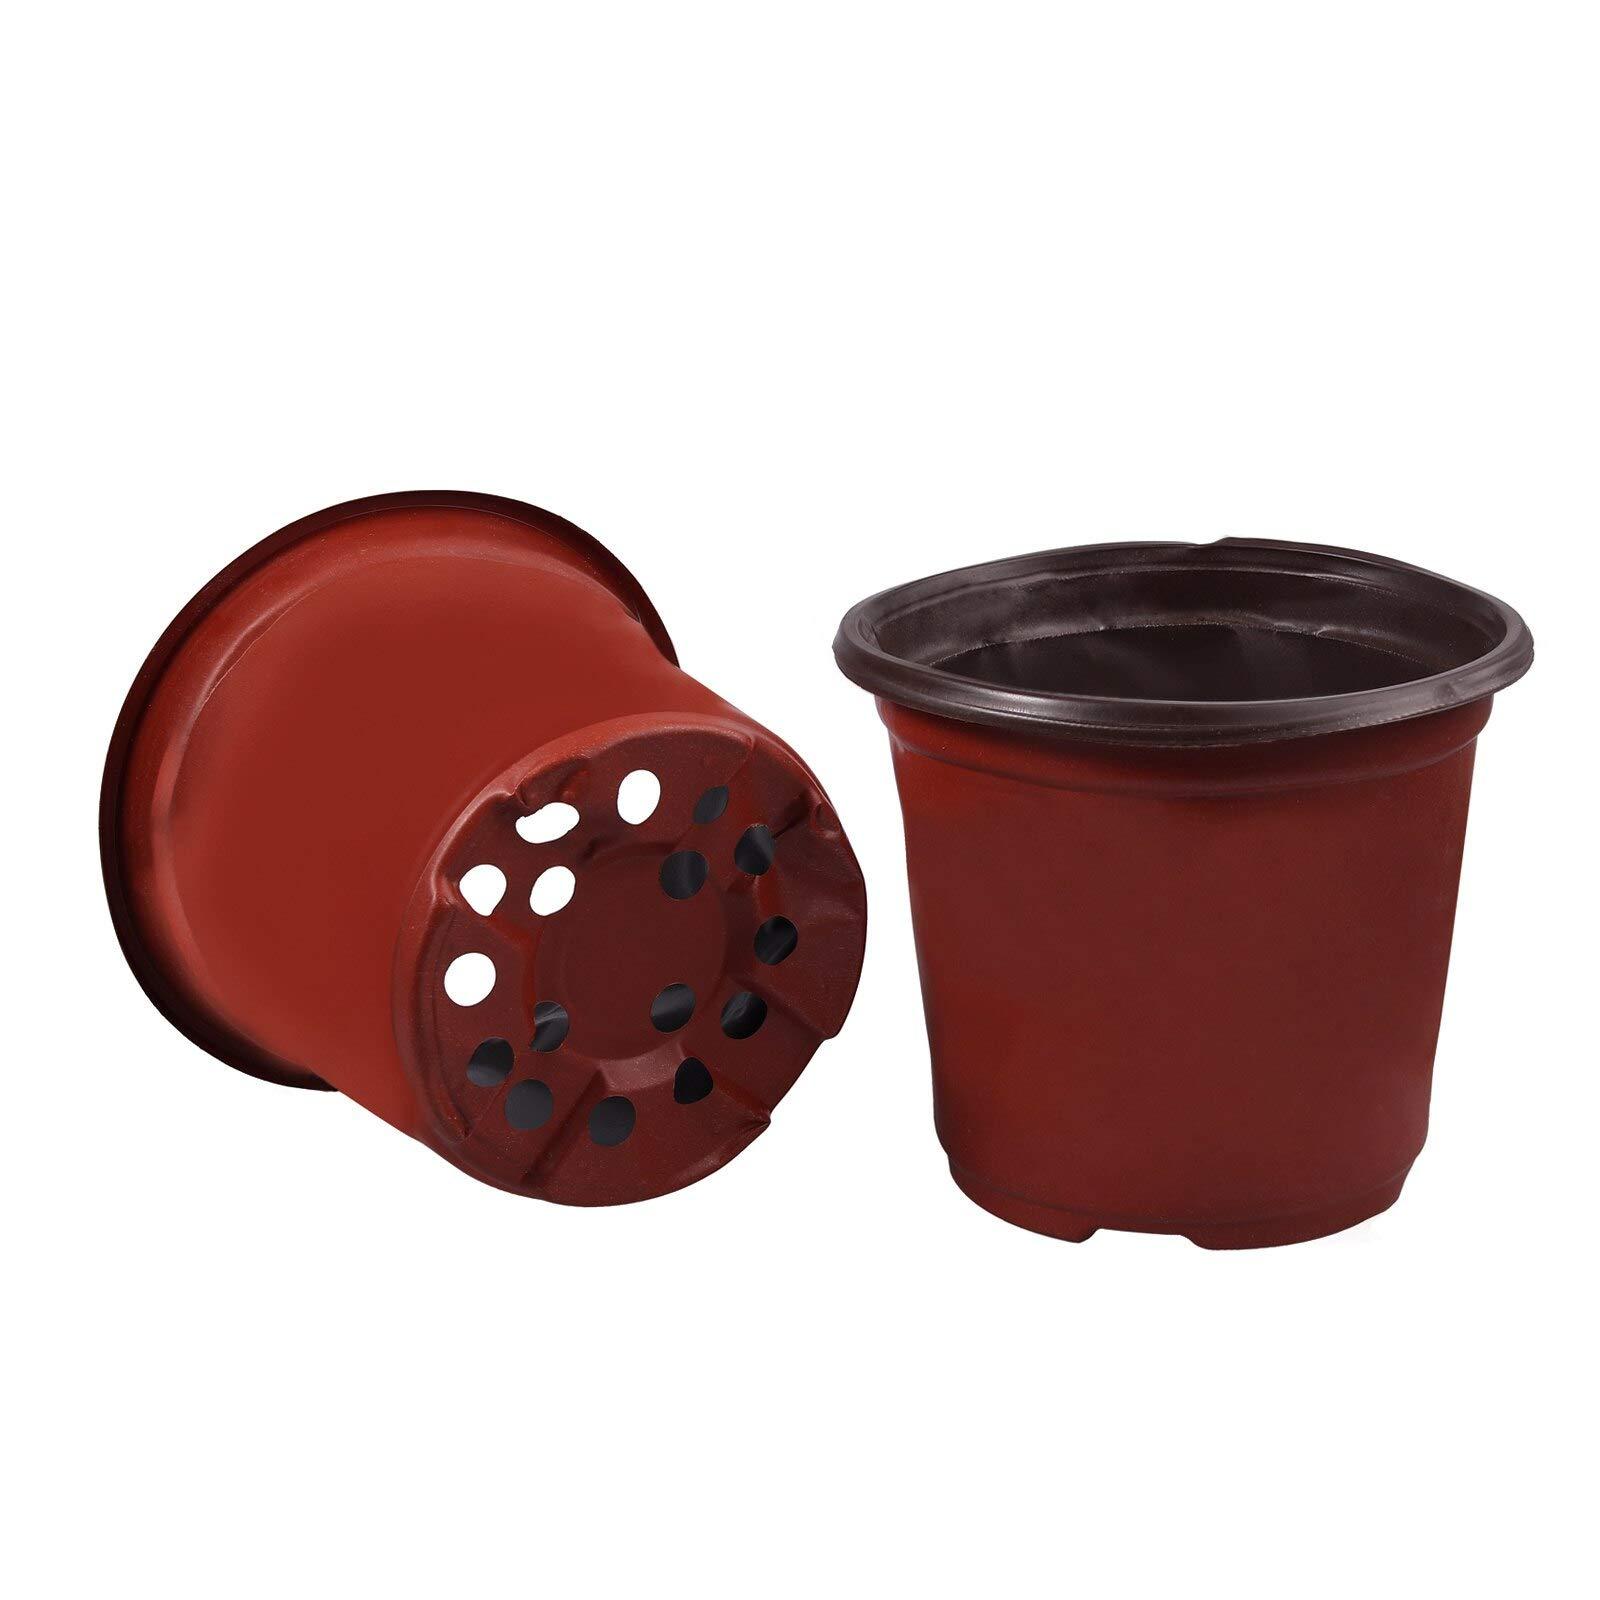 Square Planter - 100pcs Dual Color Plastic Garden Nursery Pots Flowerpot Seedlings Planter Containers Nursery Pots Flowerpot Garden Pots by Verbena